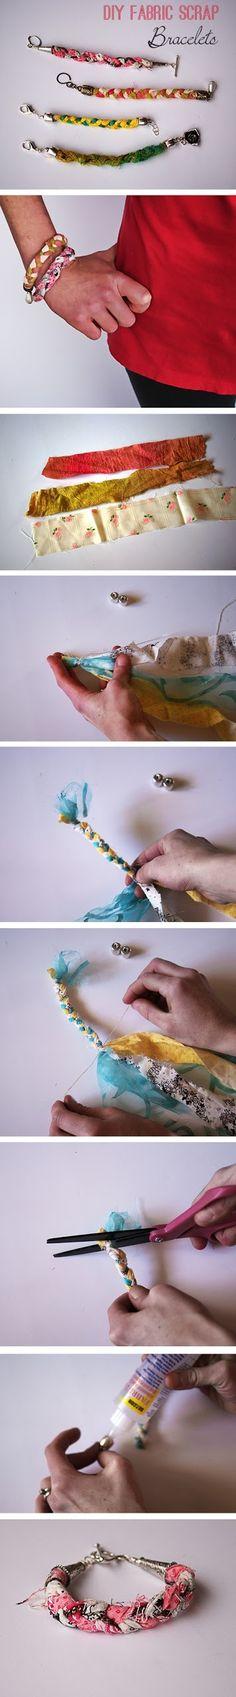 Diy : Easy Scrap Fabric Bracelet braided bracelets, craft, fashion ideas, diy fashion, diy jewelry, scrap fabric, diy bracelet, friendship bracelets, fabric scraps